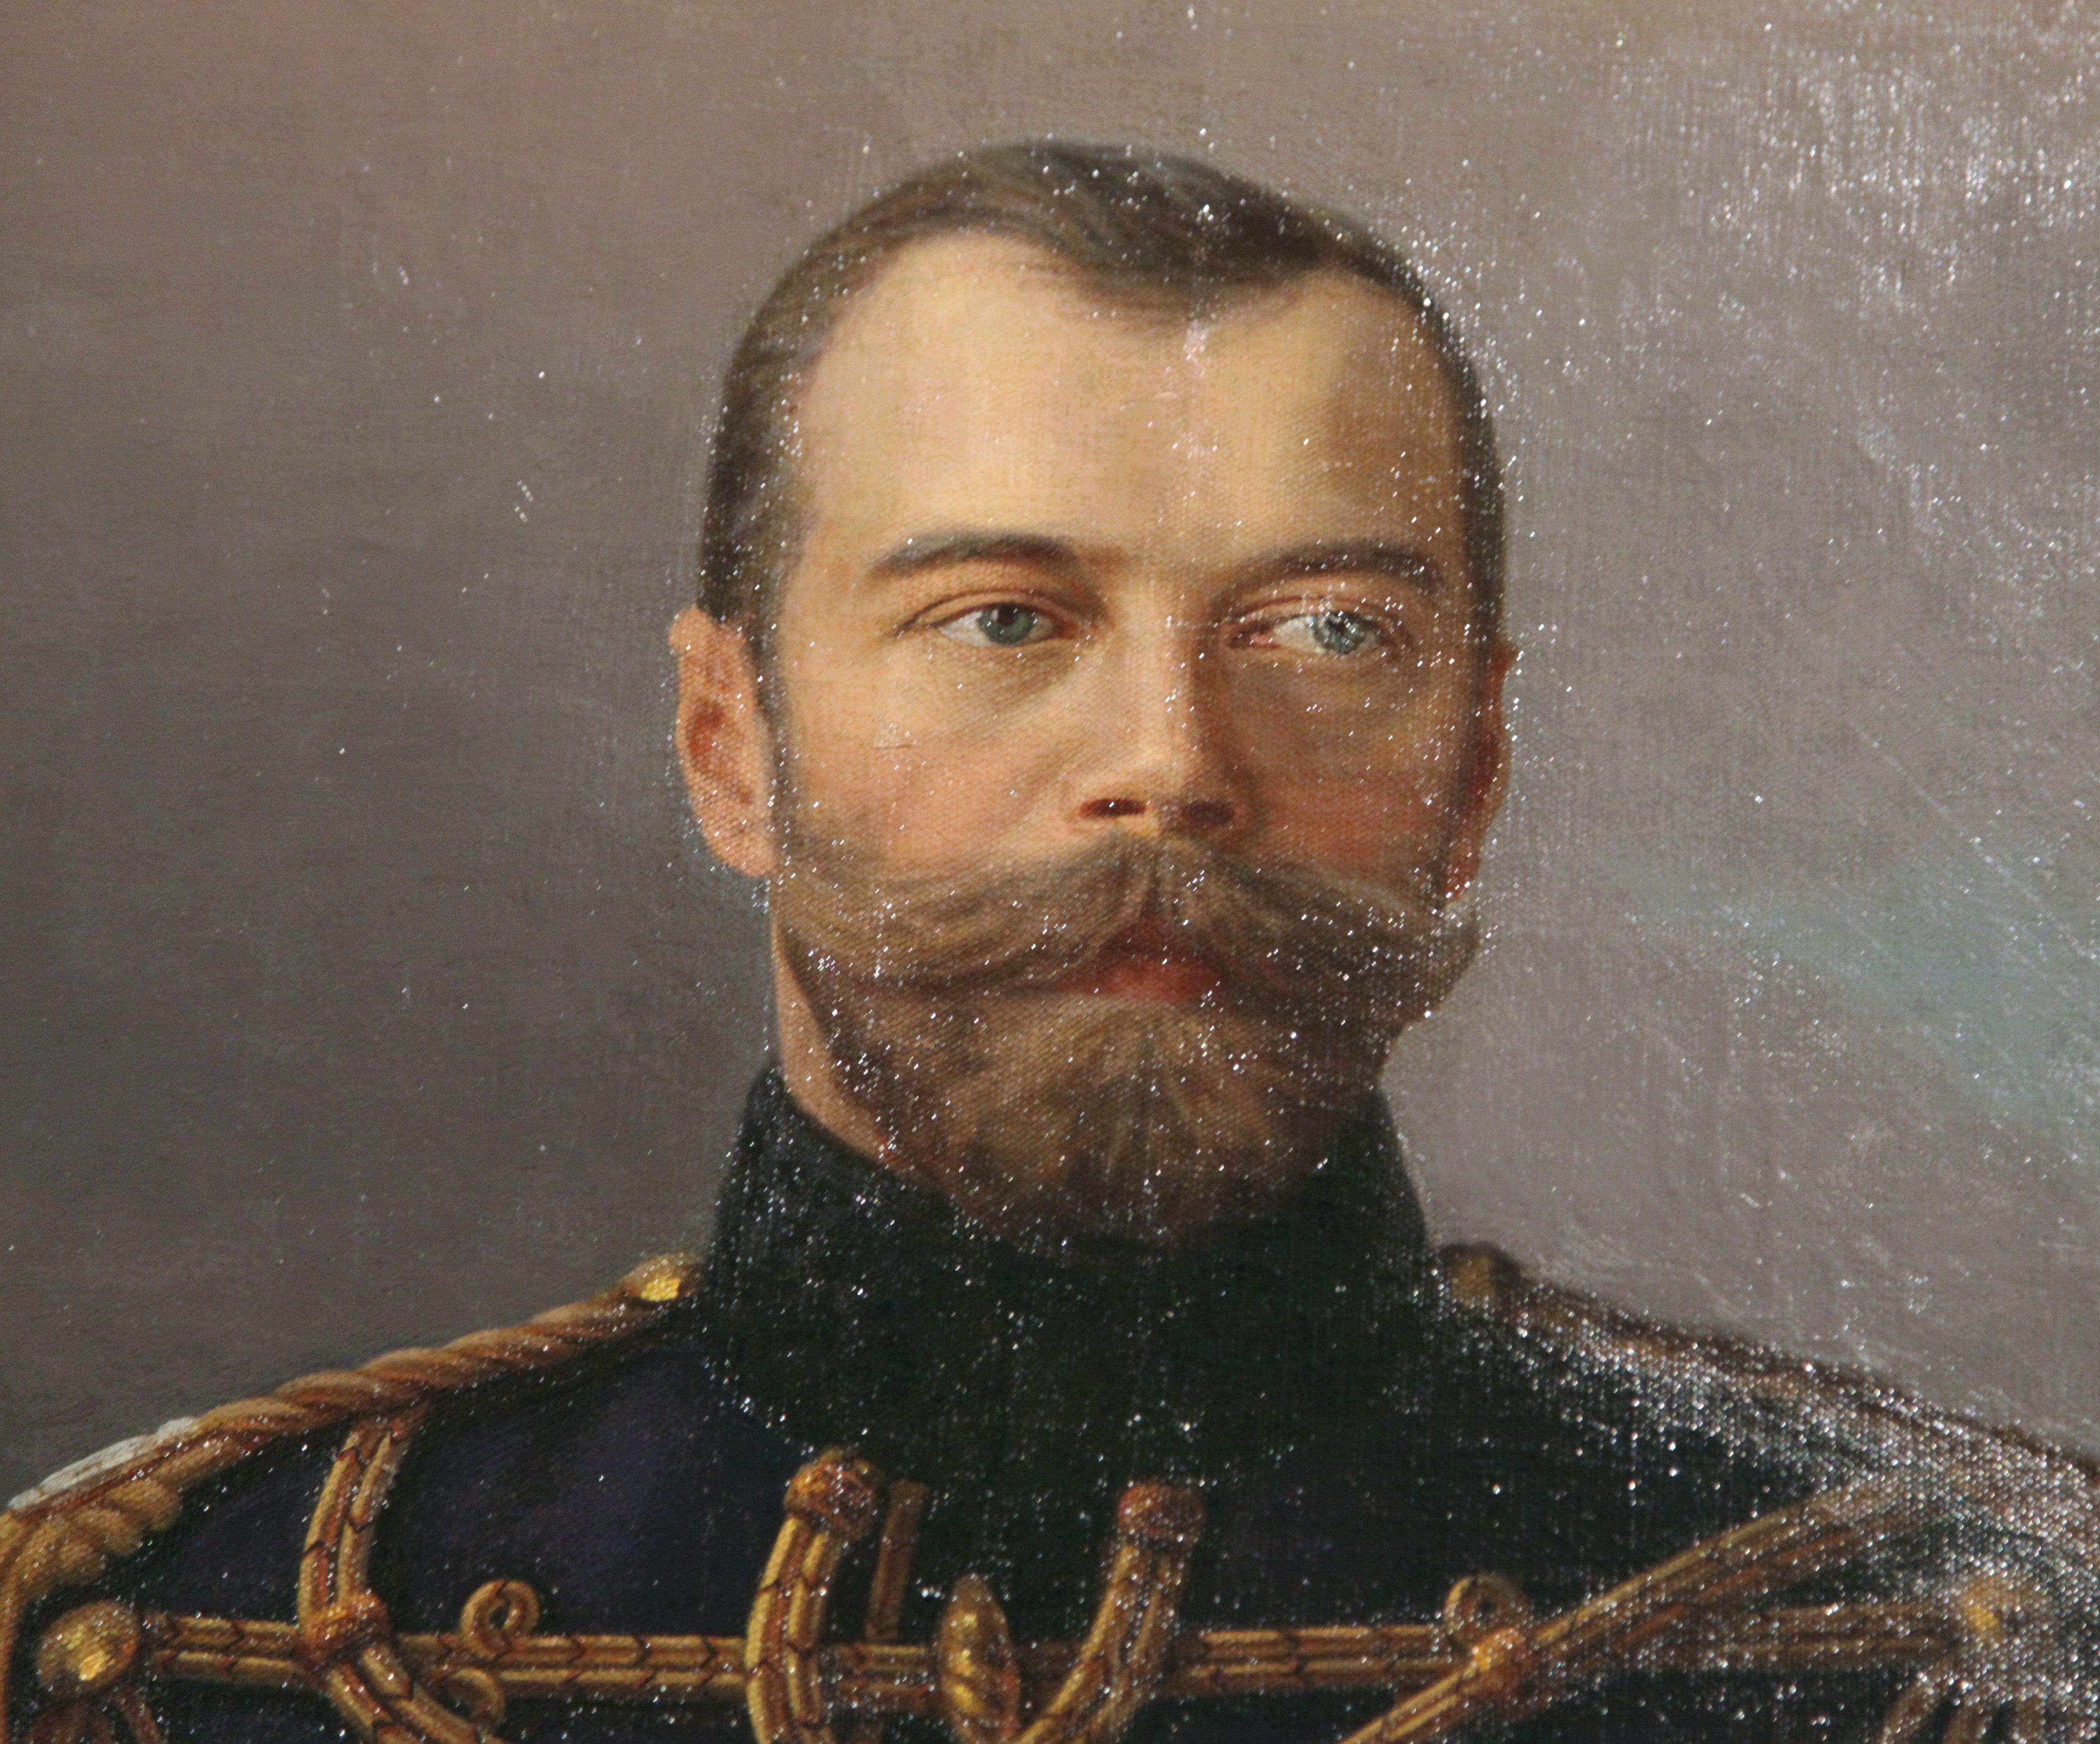 'Portrait of Emperor Nicholas II', 1915-1916.